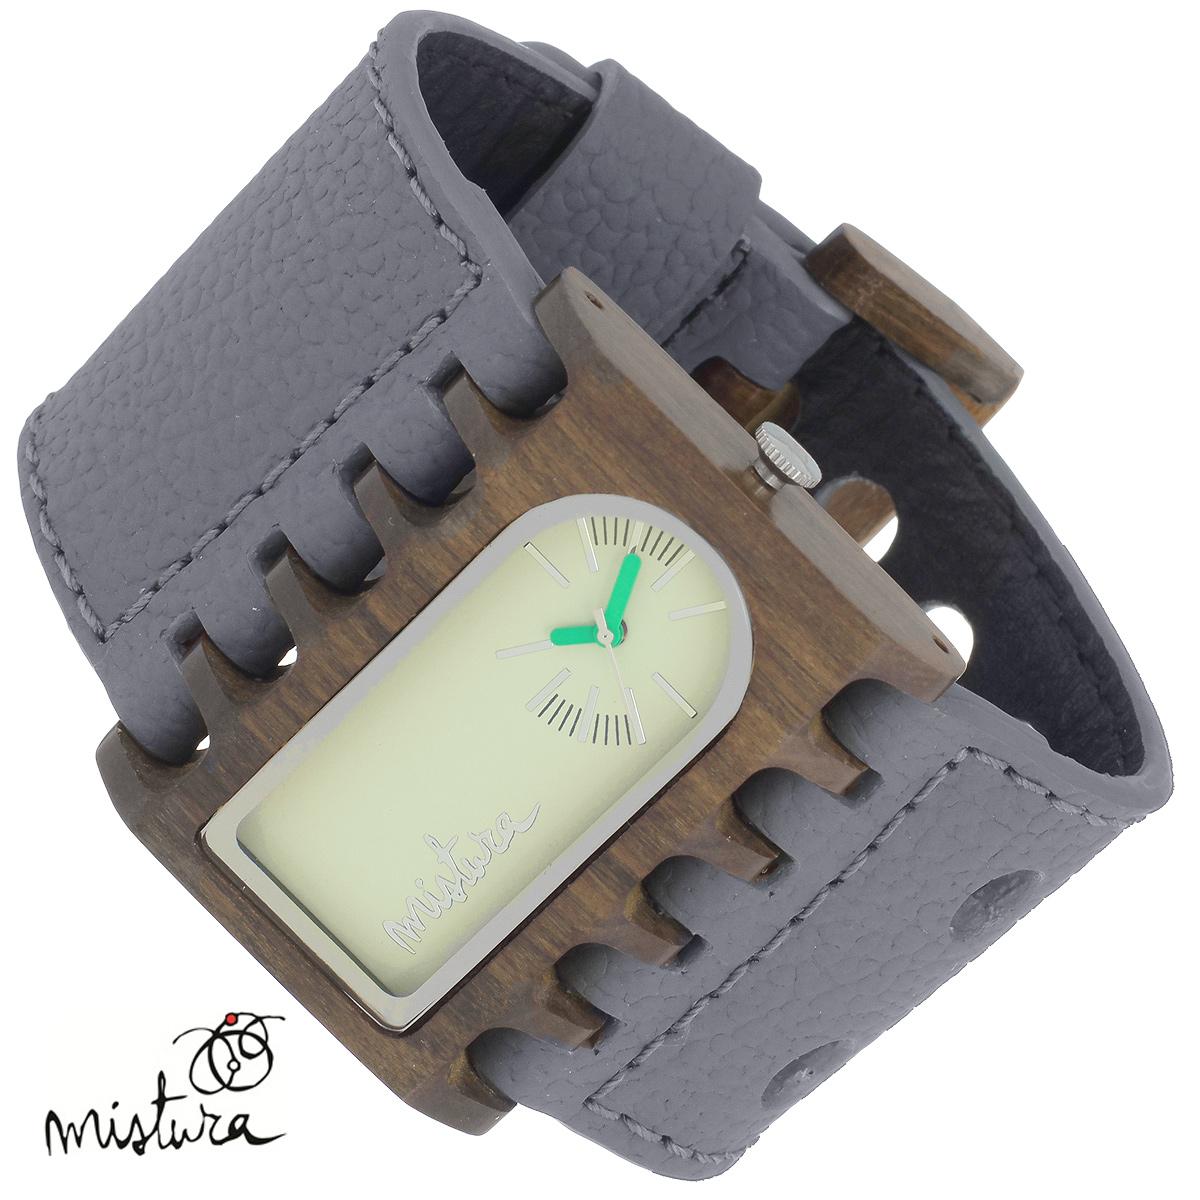 Часы наручные Mistura Ferro, цвет: серо-коричневый. TP08001GYPUGWWDTP08001GYPUGWWDНаручные часы Mistura благодаря своему эксклюзивному дизайну позволят вам выделиться из толпы и подчеркнуть свою индивидуальность. Для изготовления корпуса часов используется древесина тропических лесов Колумбии с применением индивидуальных методов ее обработки. Дизайн выполняется вручную. Часы оснащены японским кварцевым механизмом MIYOTA. Широкий ремешок из натуральной кожи с фактурной поверхностью оформлен декоративной строчкой, застегивается на застежку с двойным язычком. Часы имеют три стрелки - часовую, минутную и секундную. Корпус часов изготовлен из дерева. Циферблат декорирован металлическими насечками и защищен минеральным стеклом. Часы имеют функцию защиты от брызг. Изделие упаковано в фирменную коробку с логотипом компании Mistura. Часы марки Mistura идеально подходят молодым и уверенным в себе людям, ценящим качество, практичность и индивидуальность в каждой детали. Каждая модель оснащена оригинальным дизайнерским корпусом, а также...